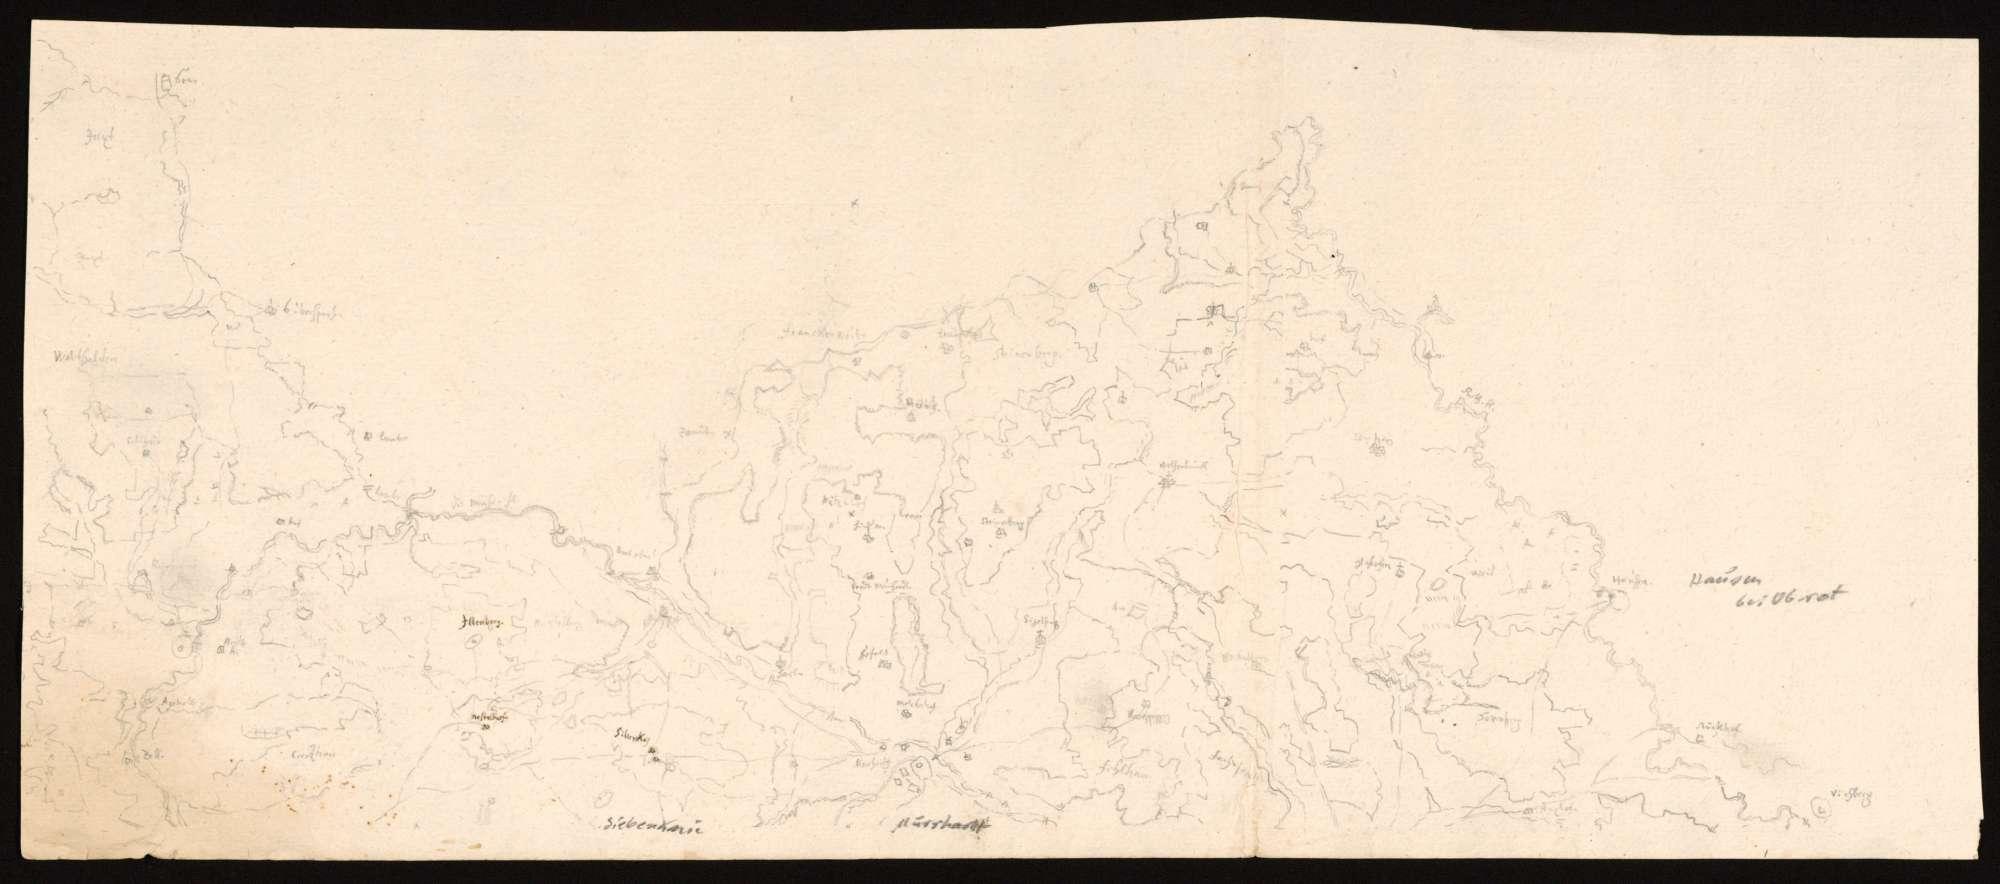 [Karte der Waldungen in den Löwensteiner Bergen und im Mainhardter Wald], Bild 1